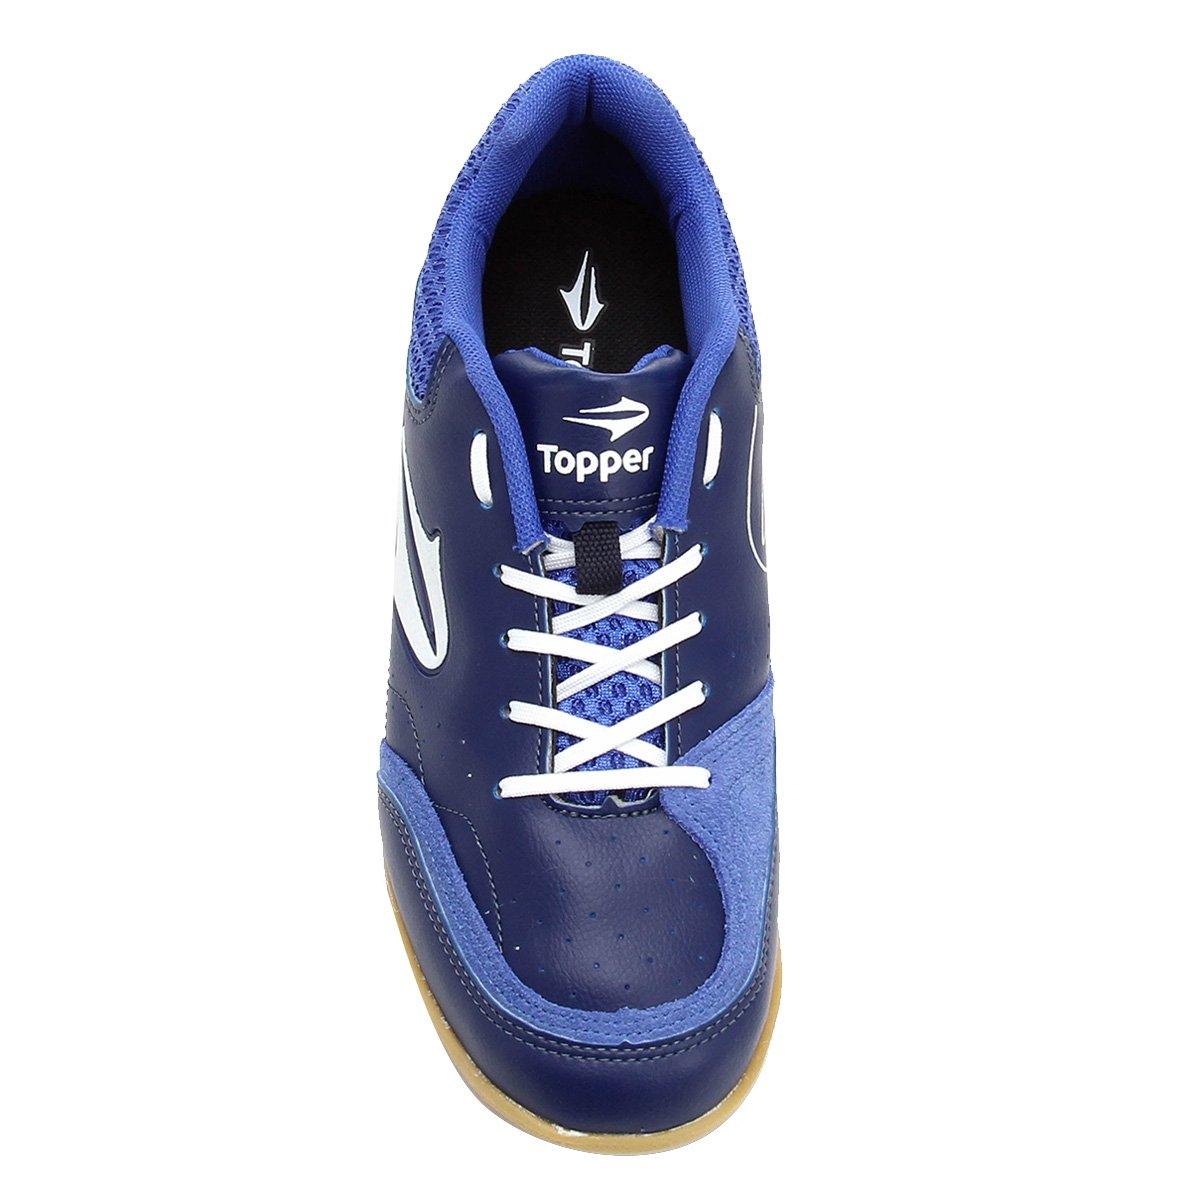 Chuteira Futsal Topper Maestro - Azul e Branco - Compre Agora  1dca58d72708e